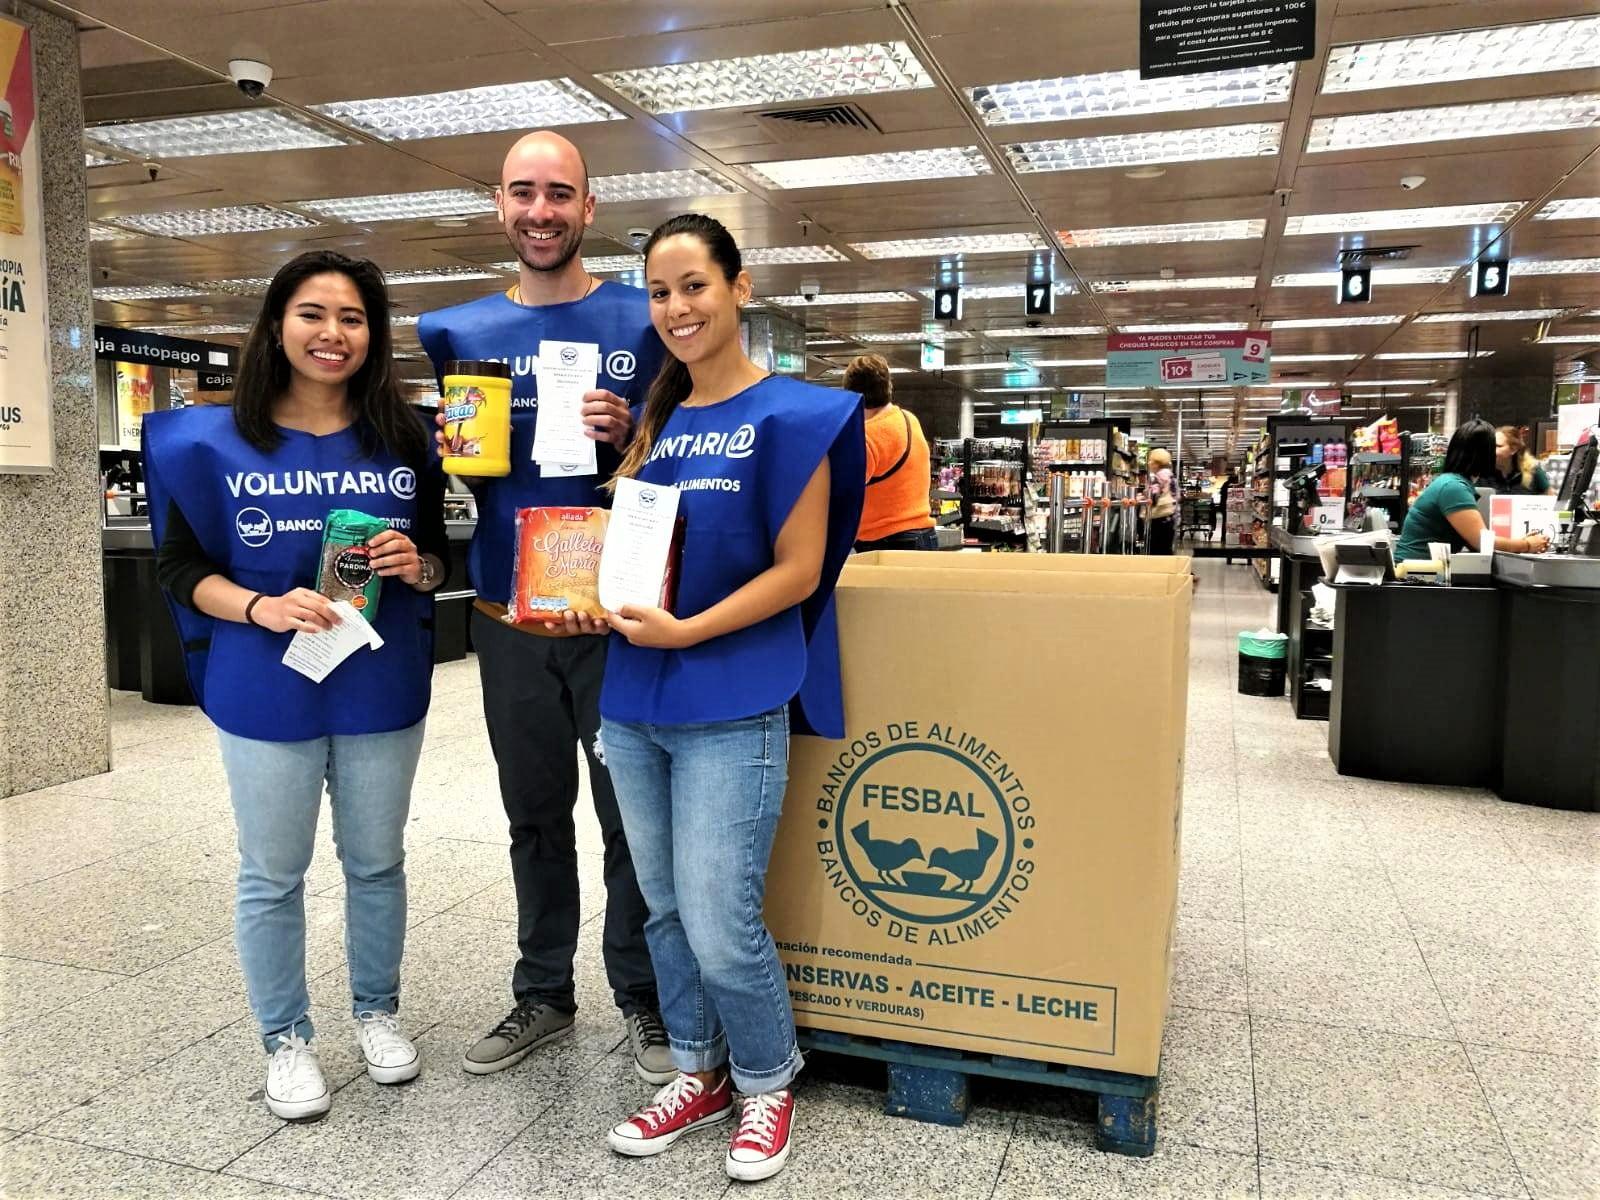 Voluntariado - La Gran Recogida del Banco de Alimentos